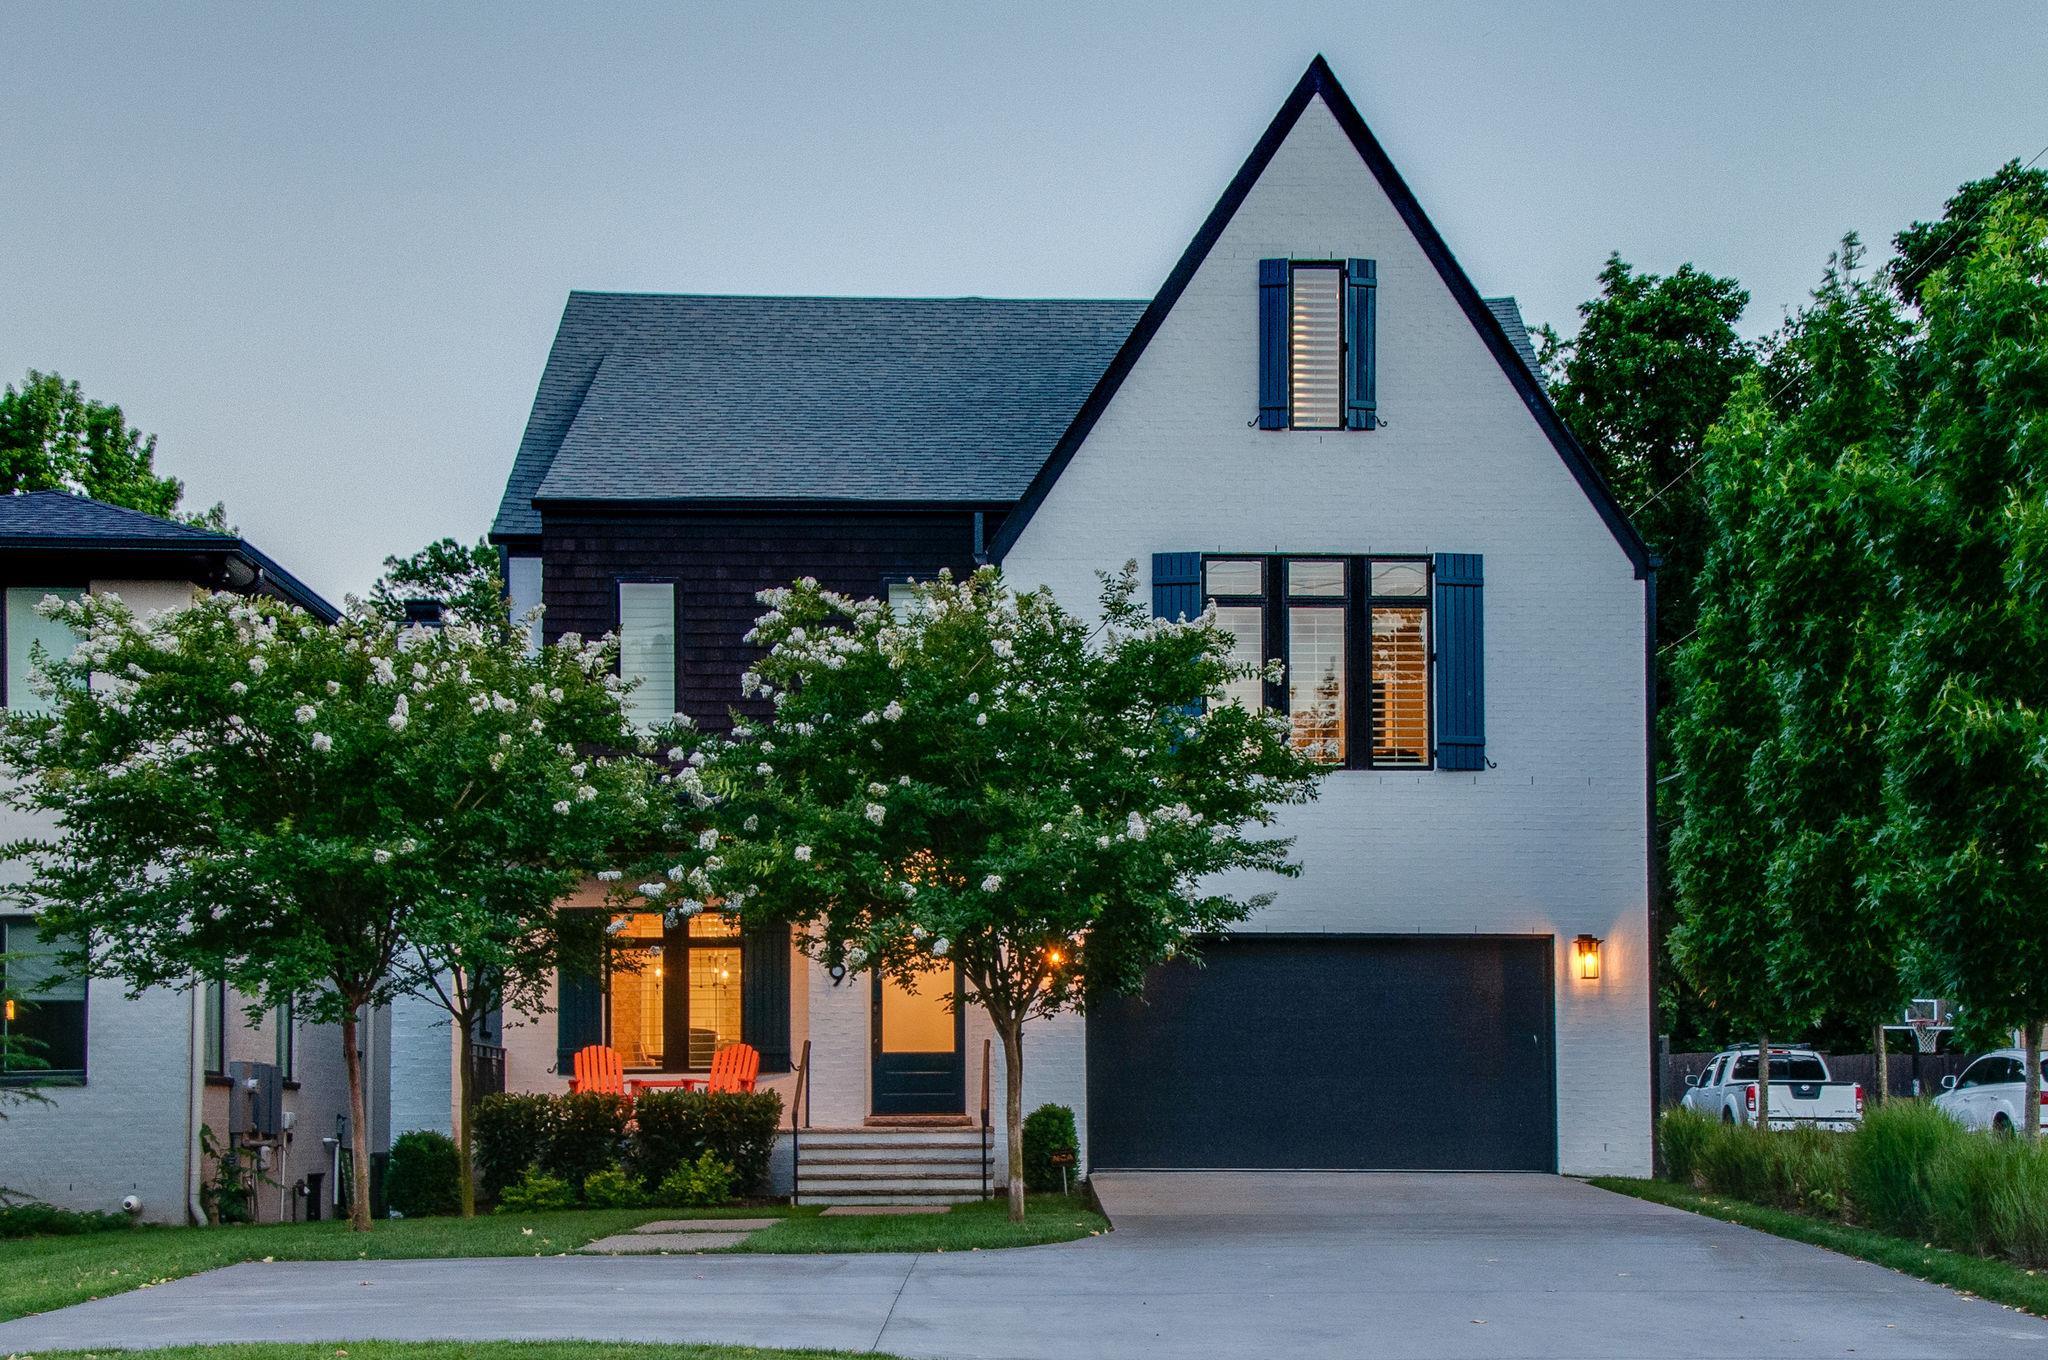 989 Greerland Dr, Nashville, TN 37204 - Nashville, TN real estate listing